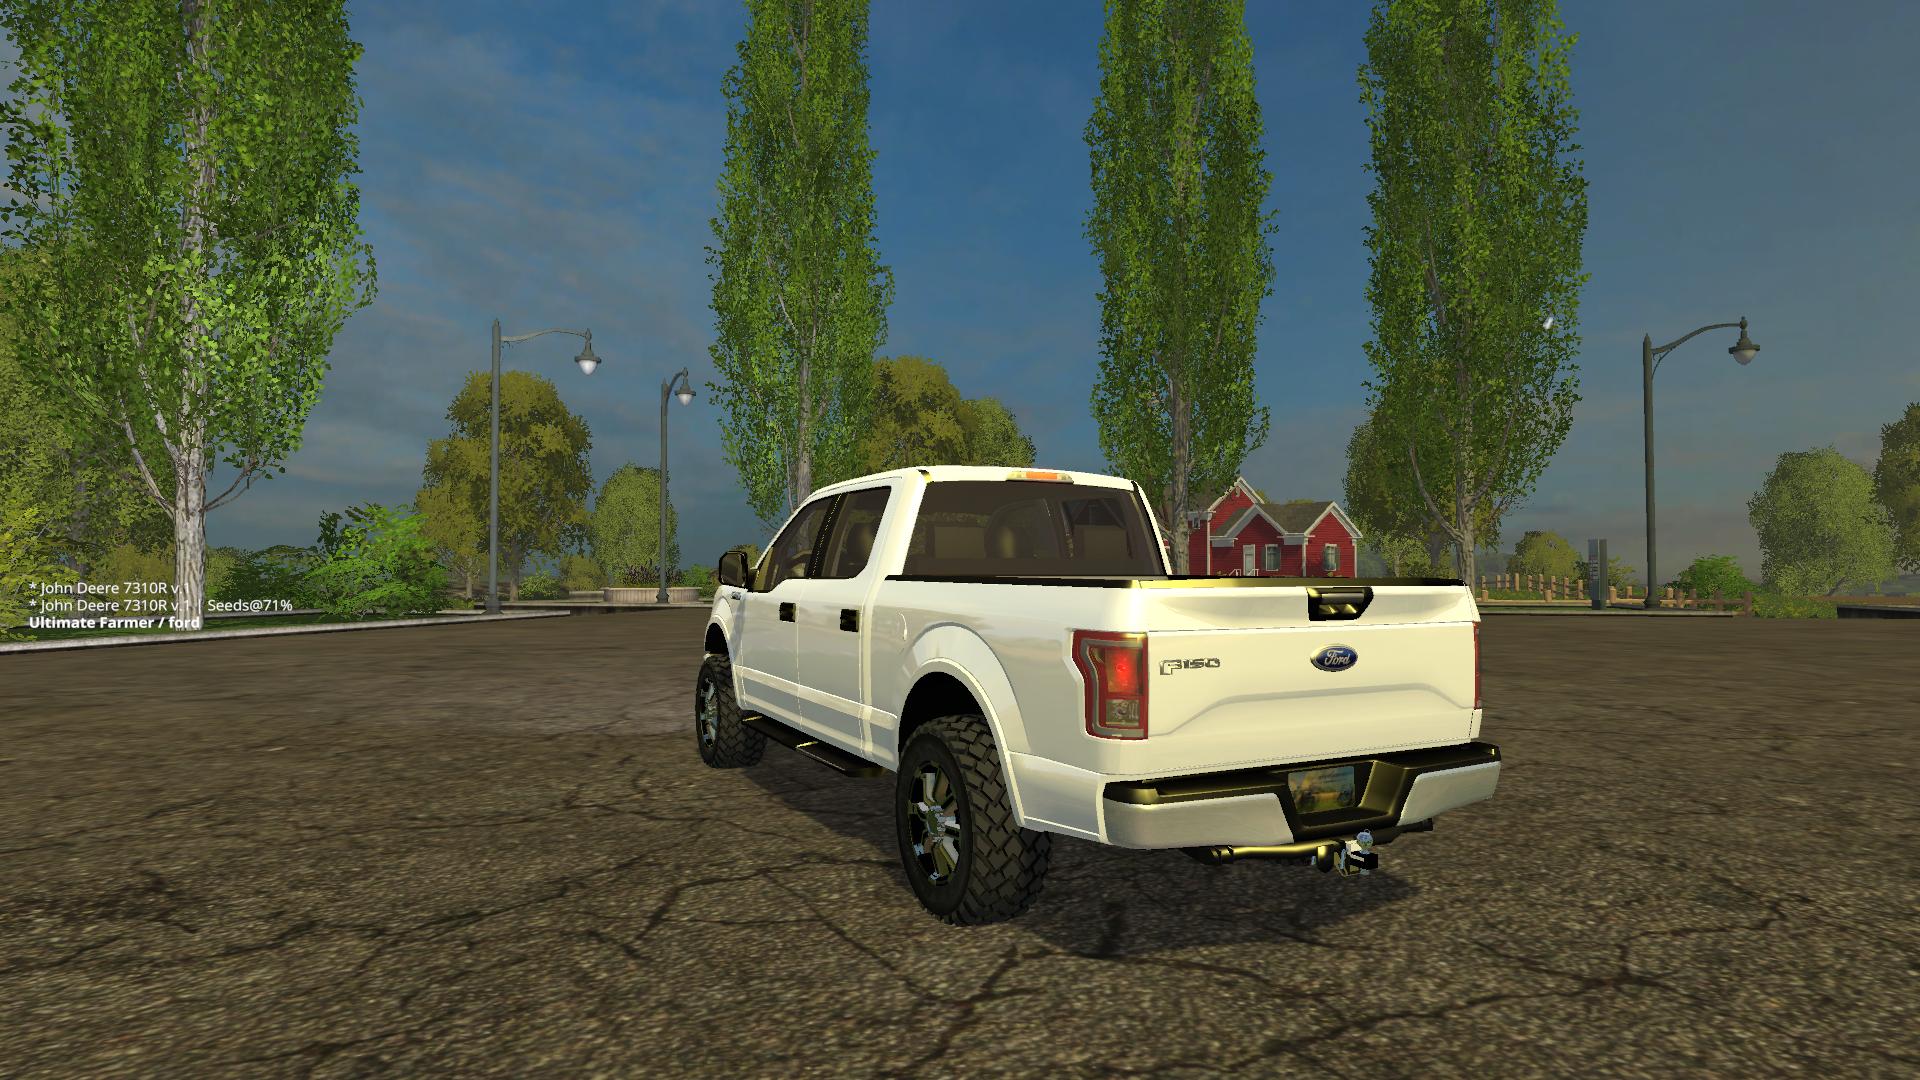 Ford pickup Edit by U F  Car - Farming simulator 2019 / 2017